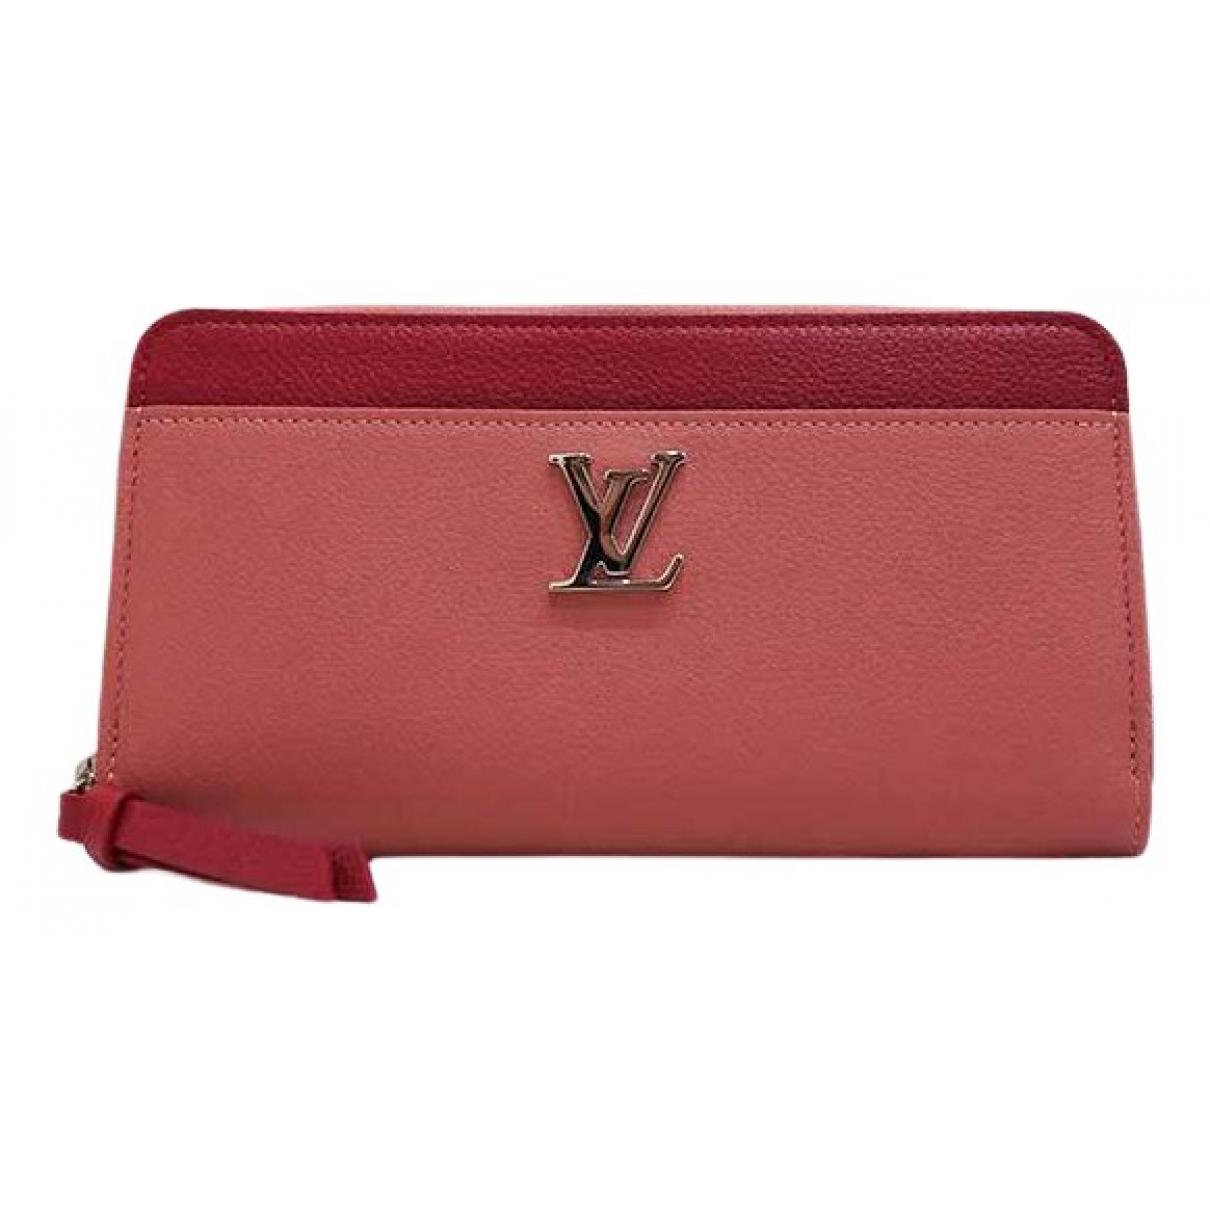 Louis Vuitton - Portefeuille Lockme pour femme en cuir - rose